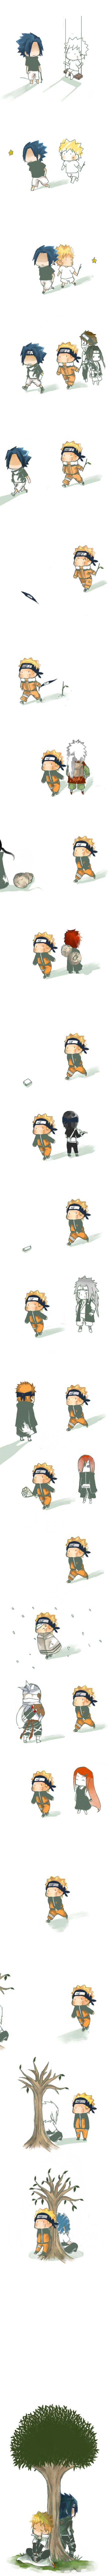 Tags: Anime, Shiro Moko, NARUTO, Uchiha Itachi, Uchiha Sasuke, Pein, Uzumaki Naruto, Haku (NARUTO), Gaara, Momochi Zabuza, Jiraiya (NARUTO), Killer Bee, Uzumaki Kushina